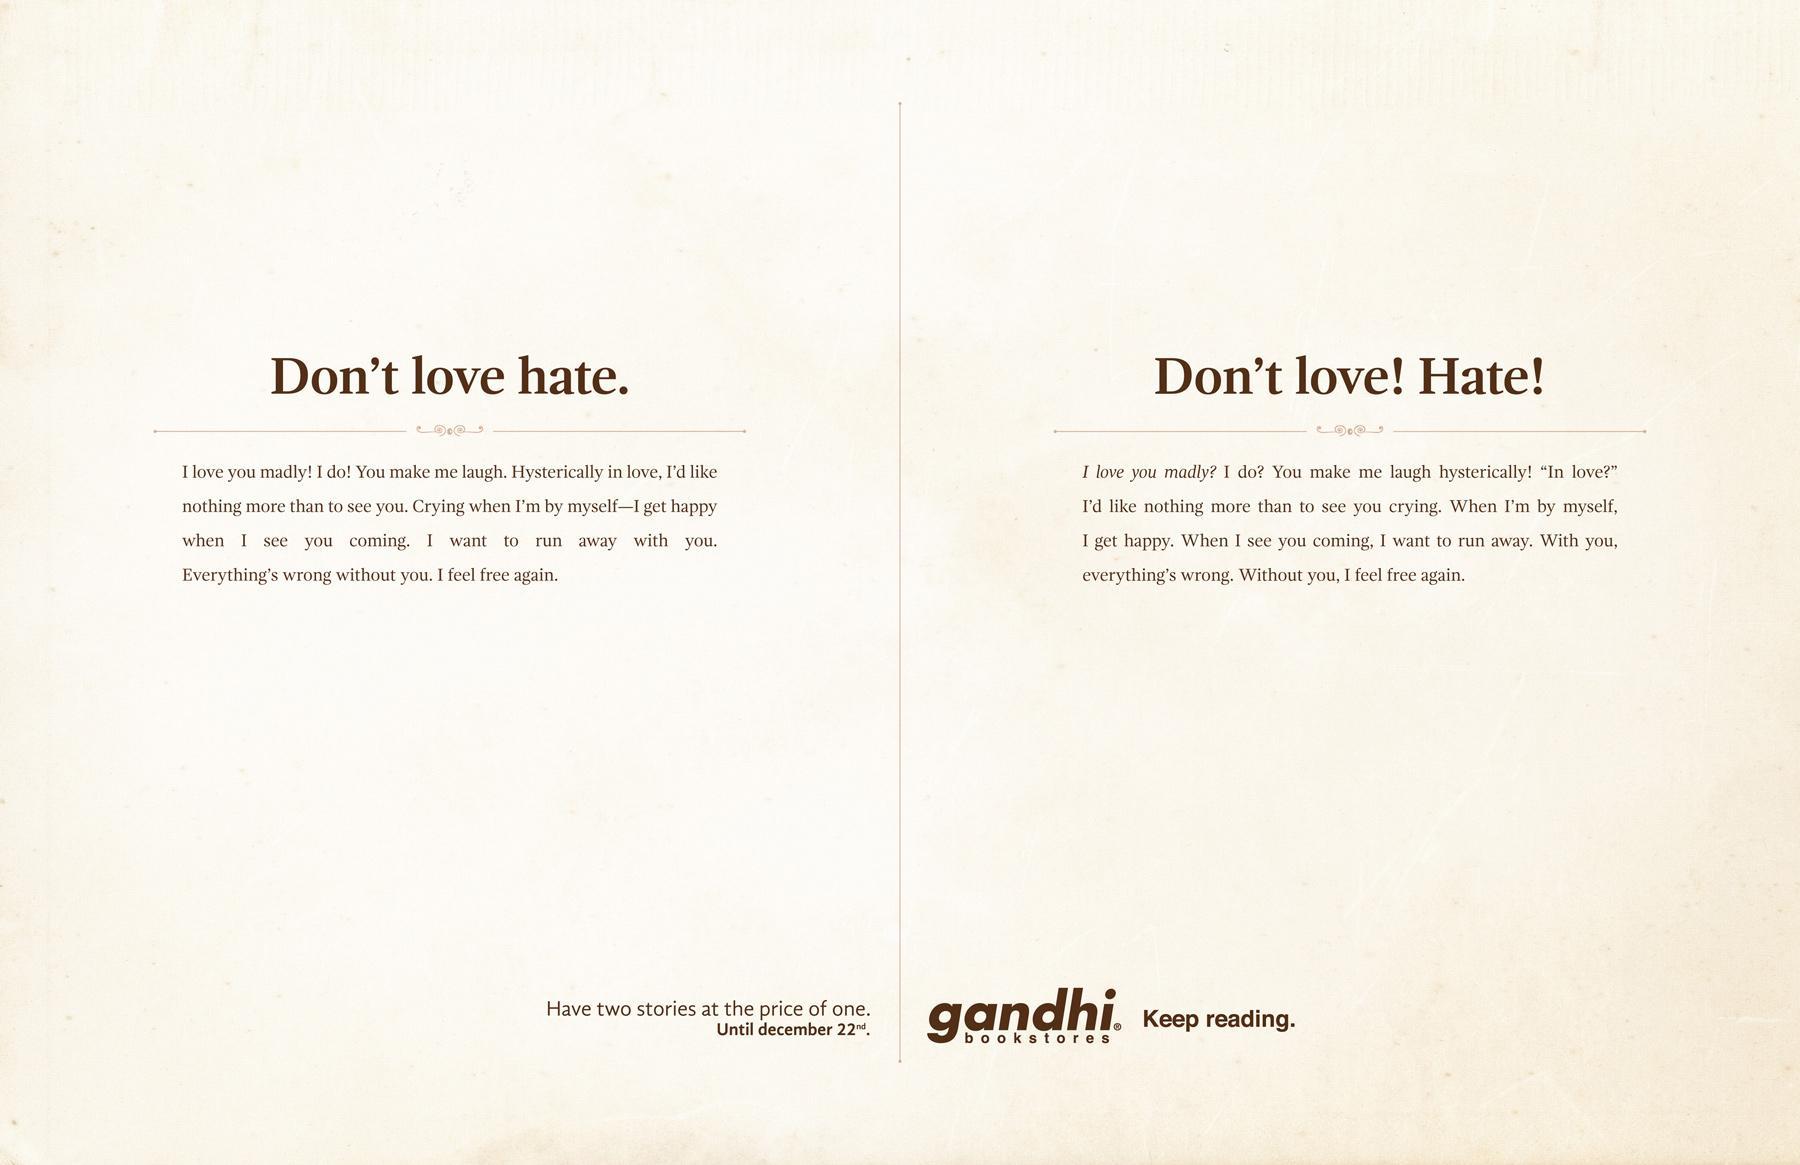 gandhi-bookstores-twee verhalen don't love hate